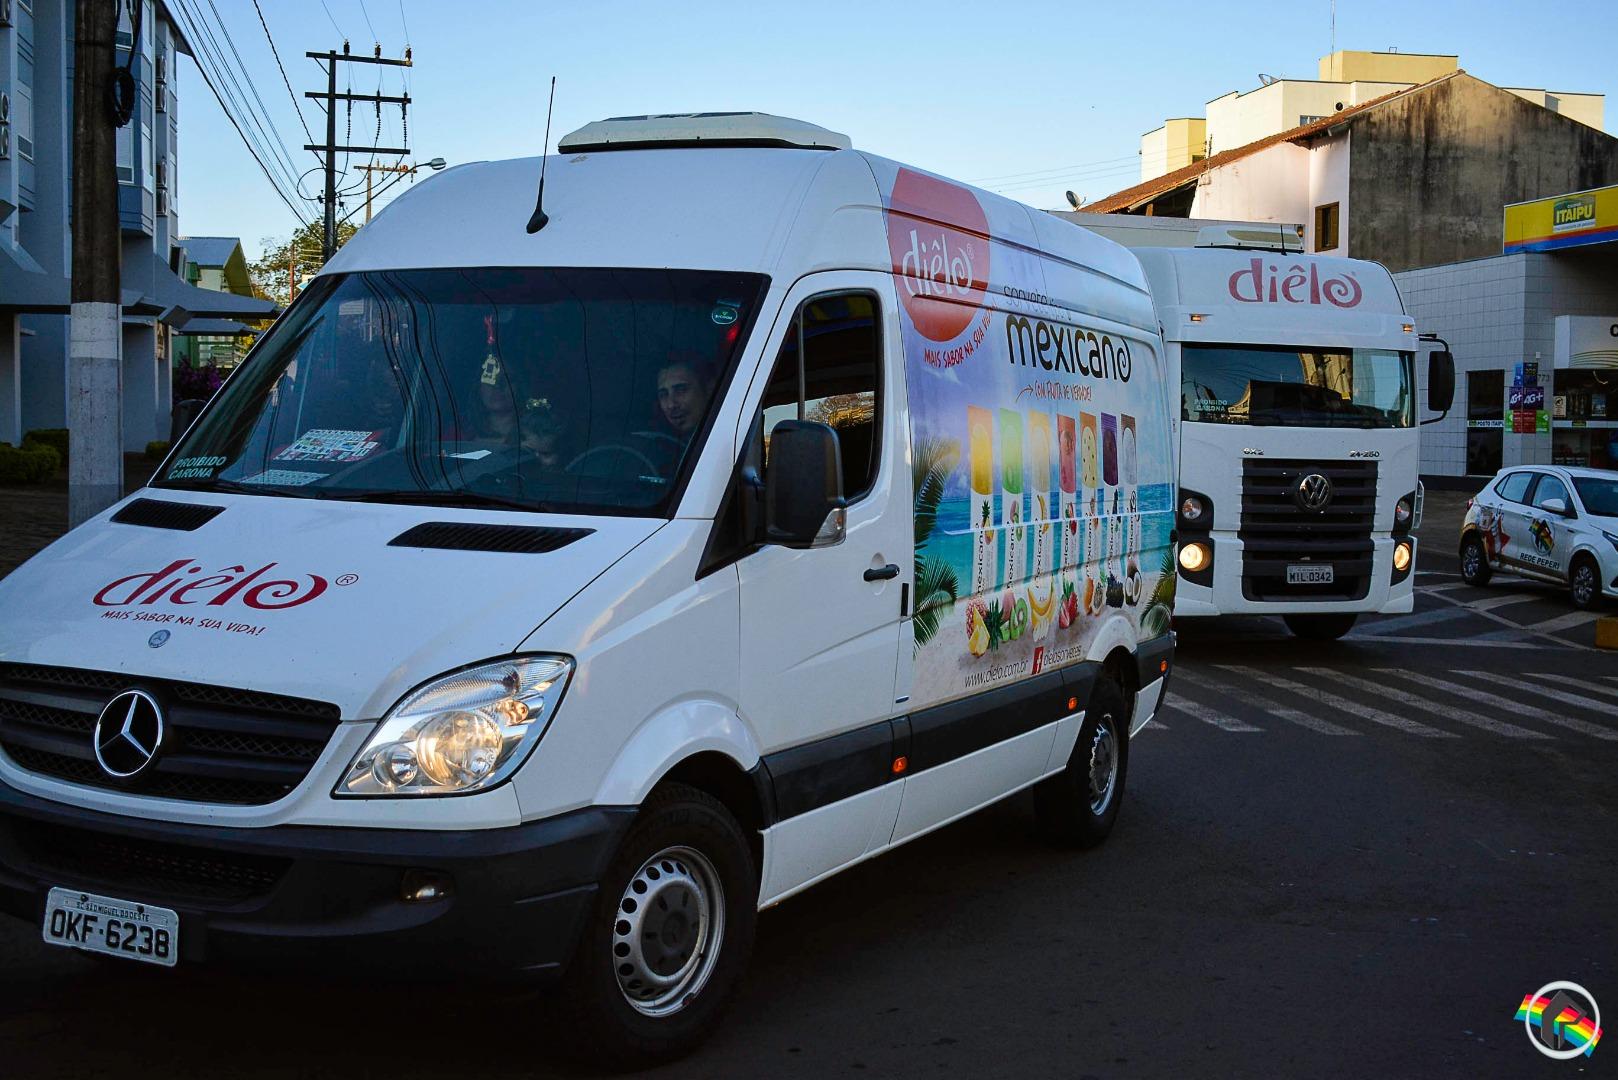 VÍDEO: Carreata em homenagem ao dia do Colono e Motorista em São Miguel do Oeste